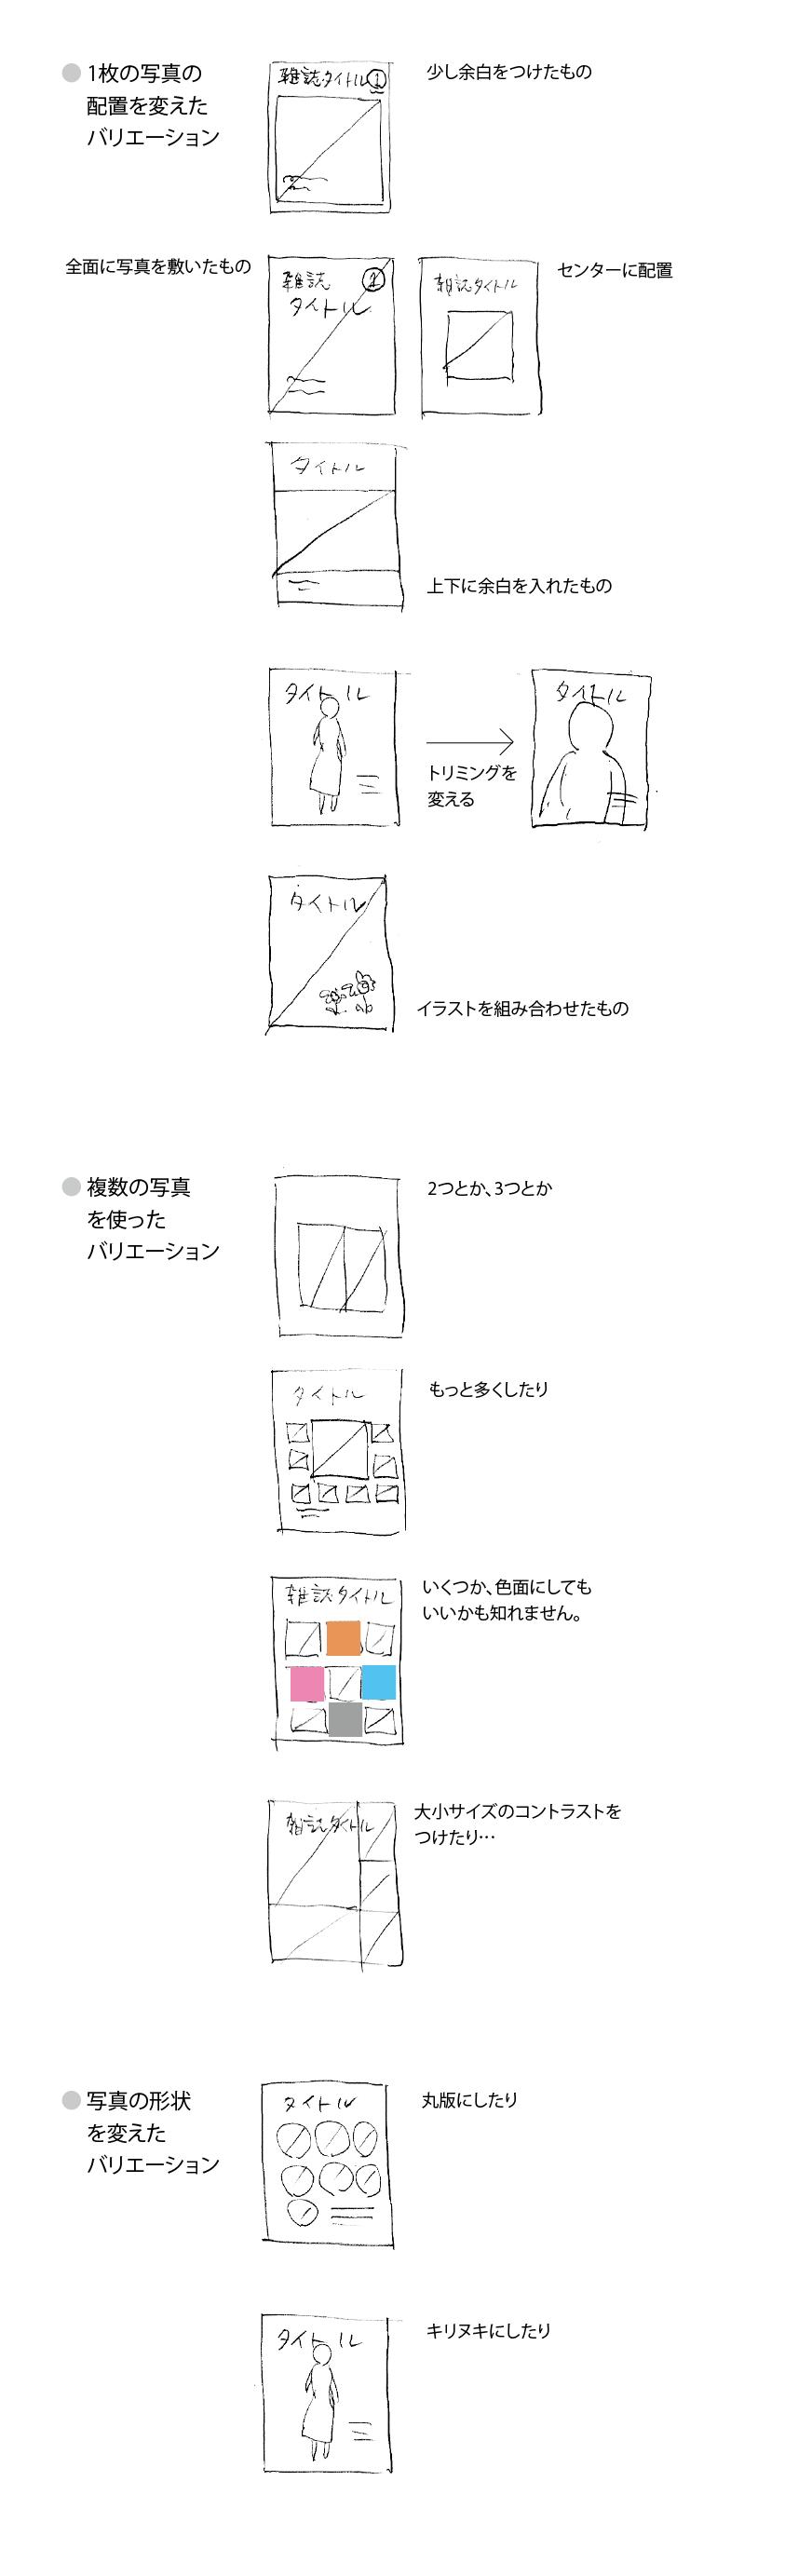 デザイン提案のバリエーション